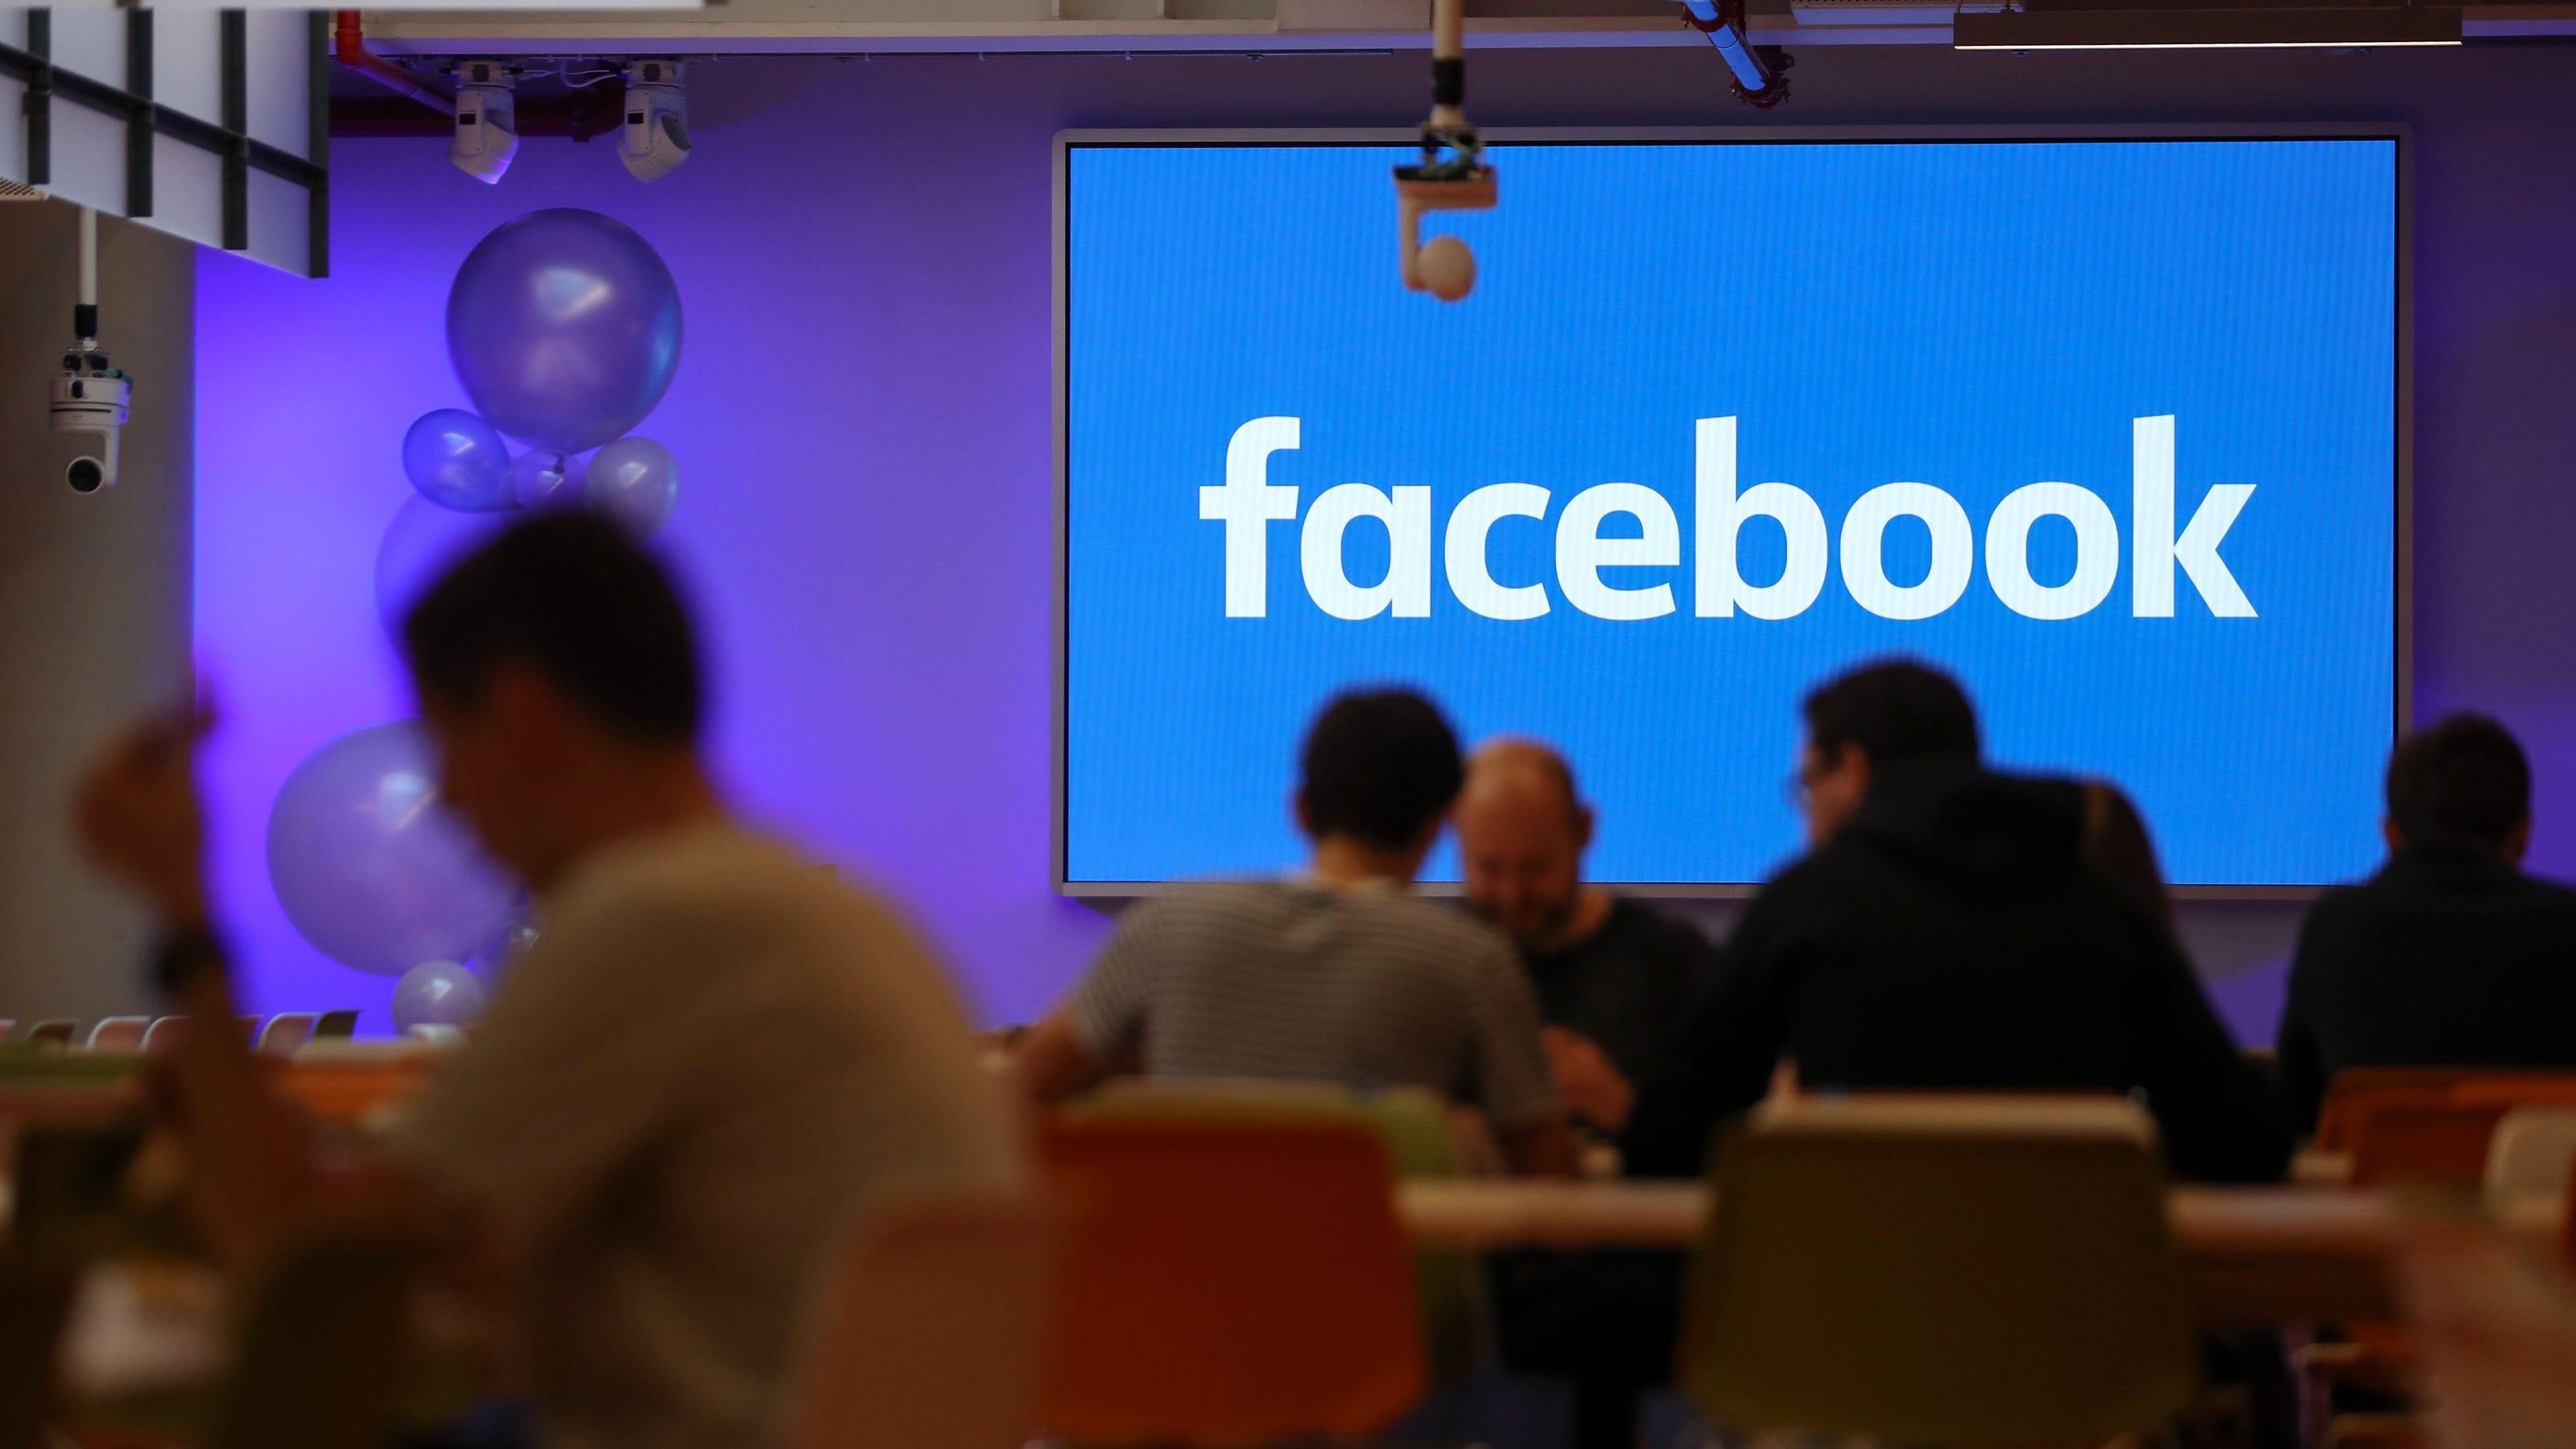 Cách để tránh Facebook theo dõi, kể cả khi offline 3